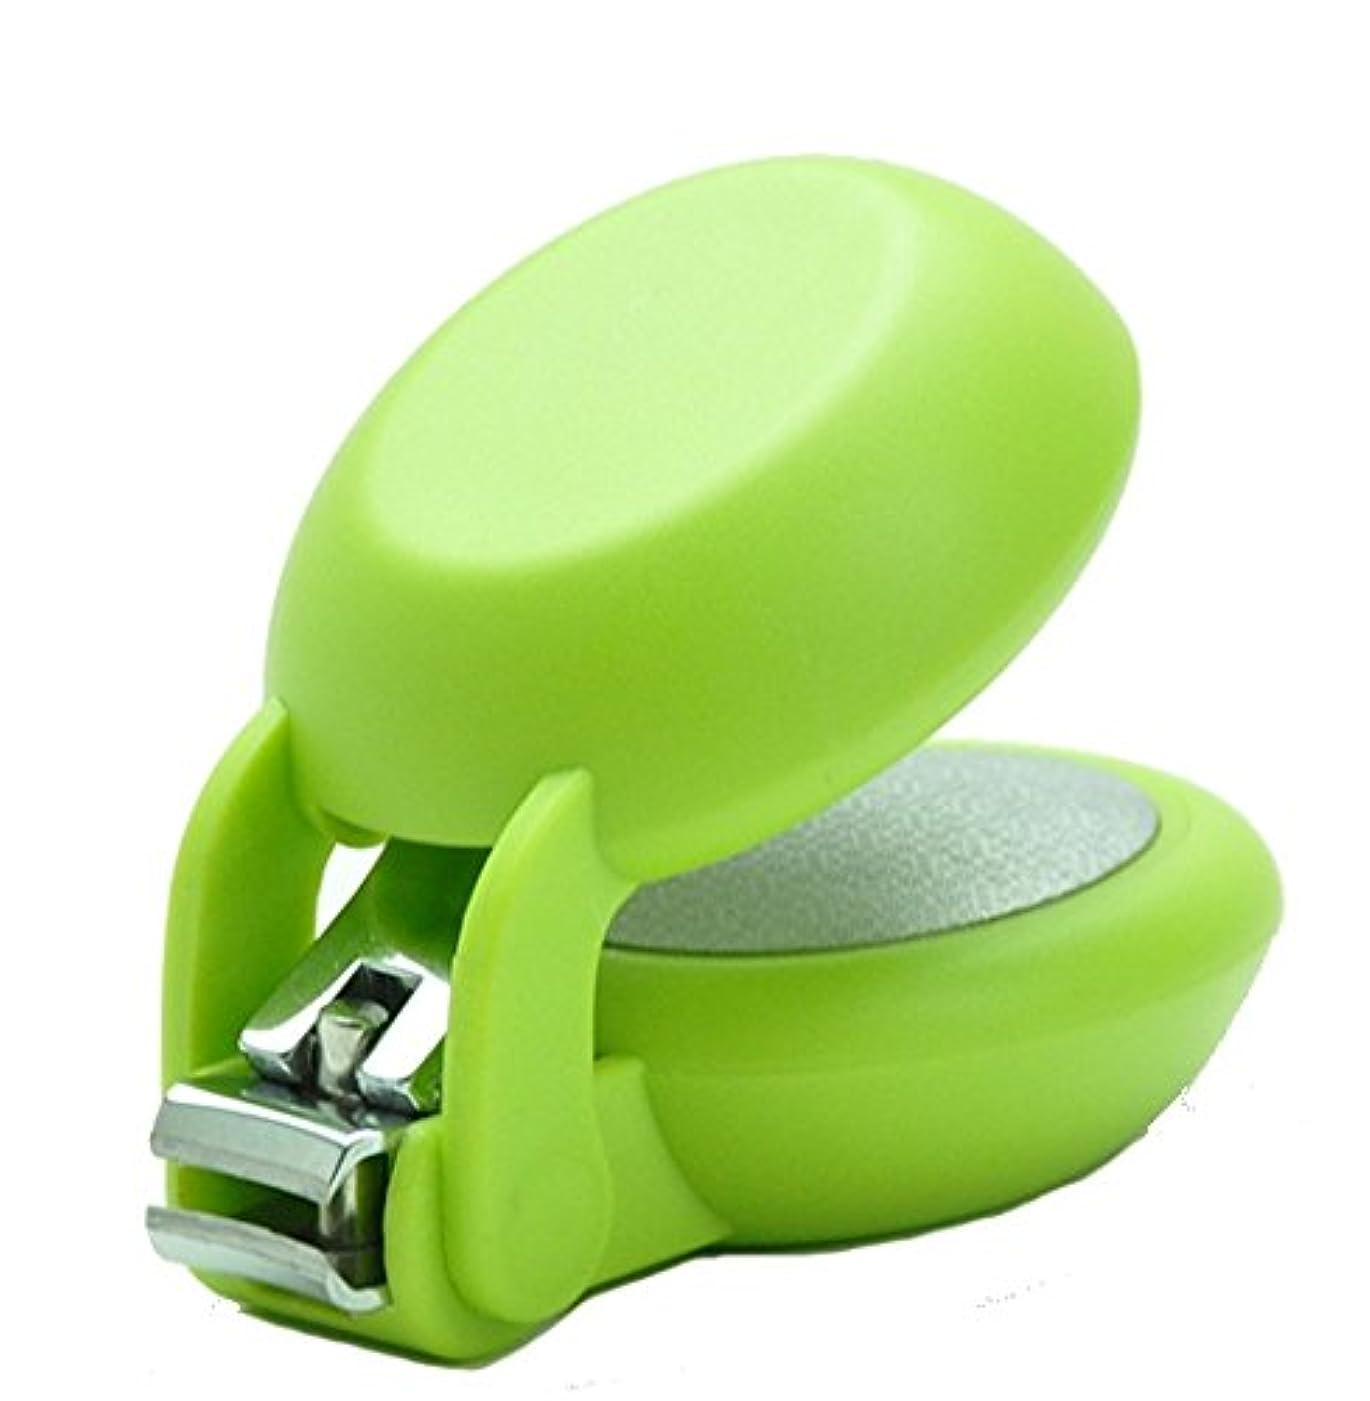 受け継ぐ疑わしい遅れ爪切り nail clipper (ネイルクリッパー) Nail+ (ネイルプラス) Green (グリーン)